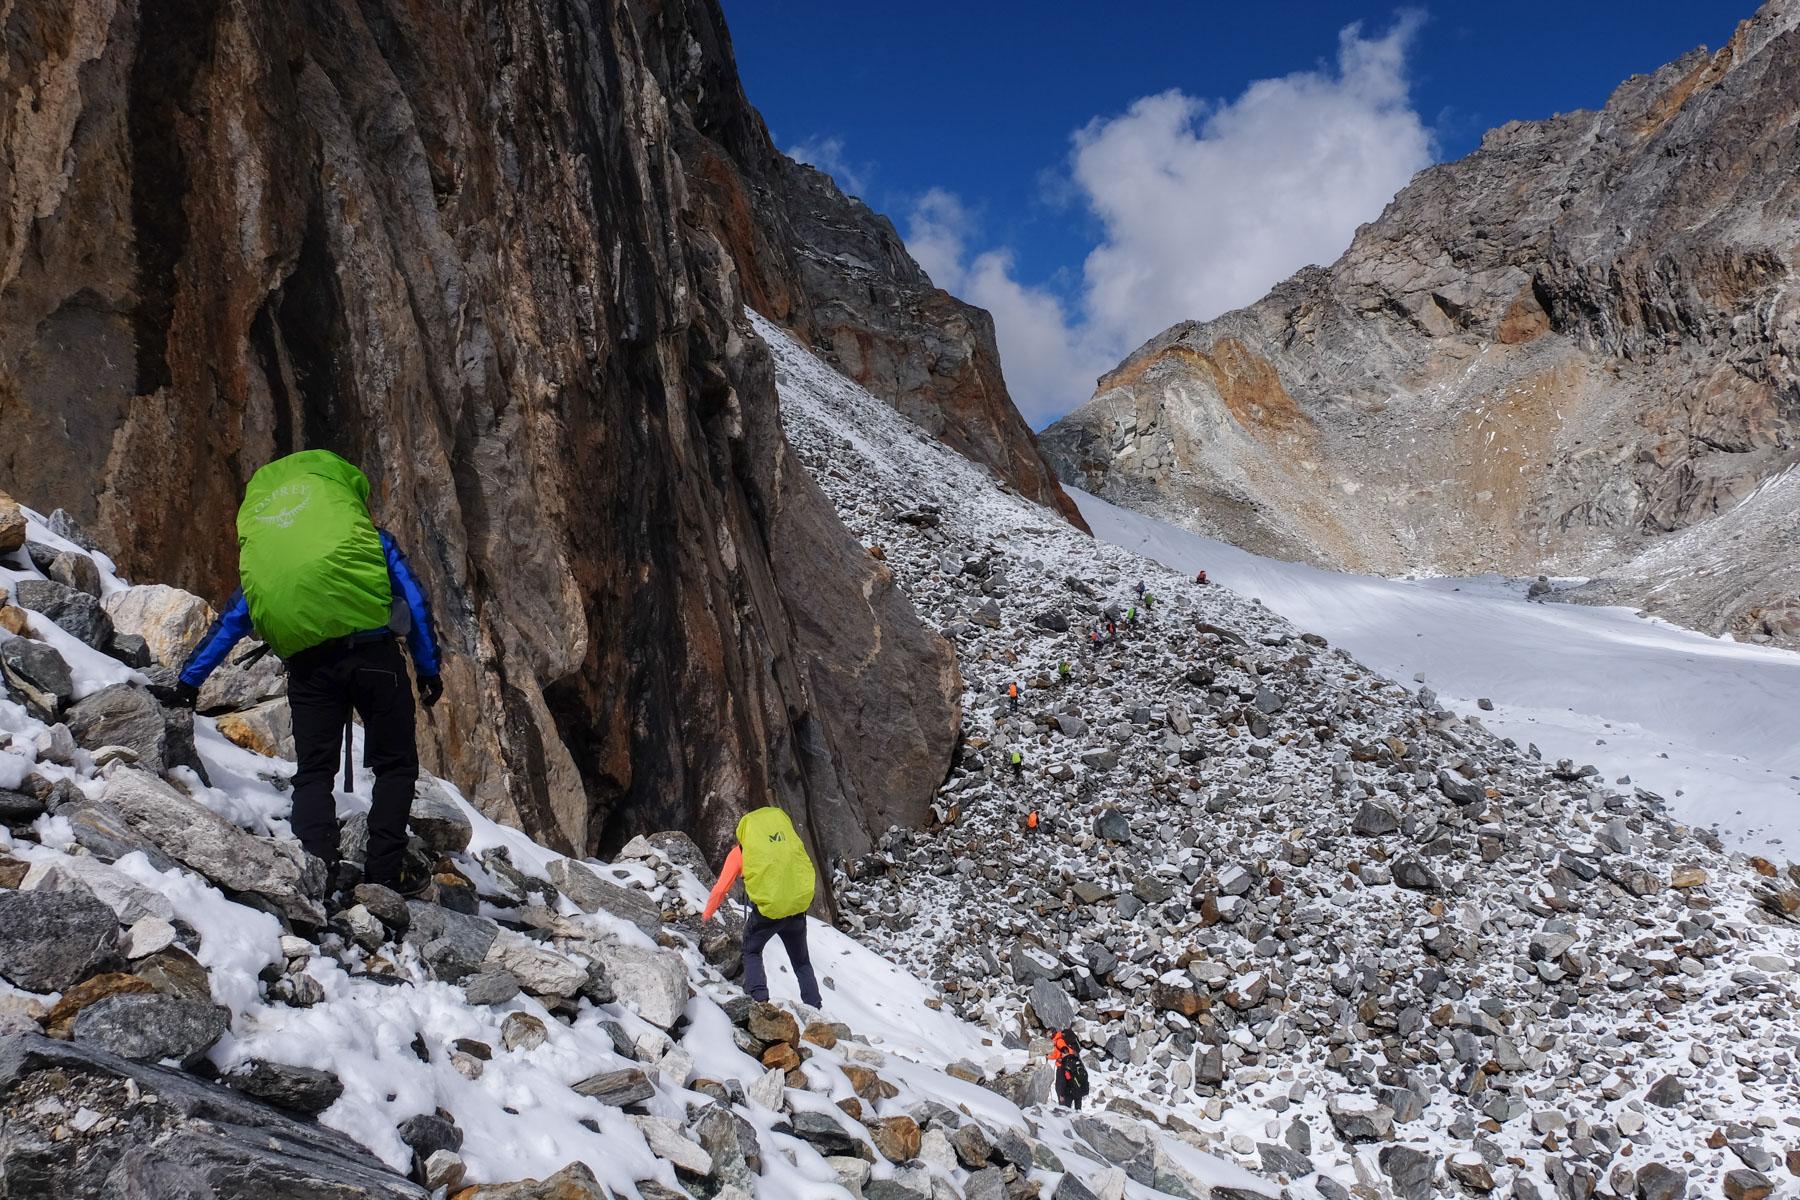 Kala Patthar & Gokyo, Everest 3 pass #3 52